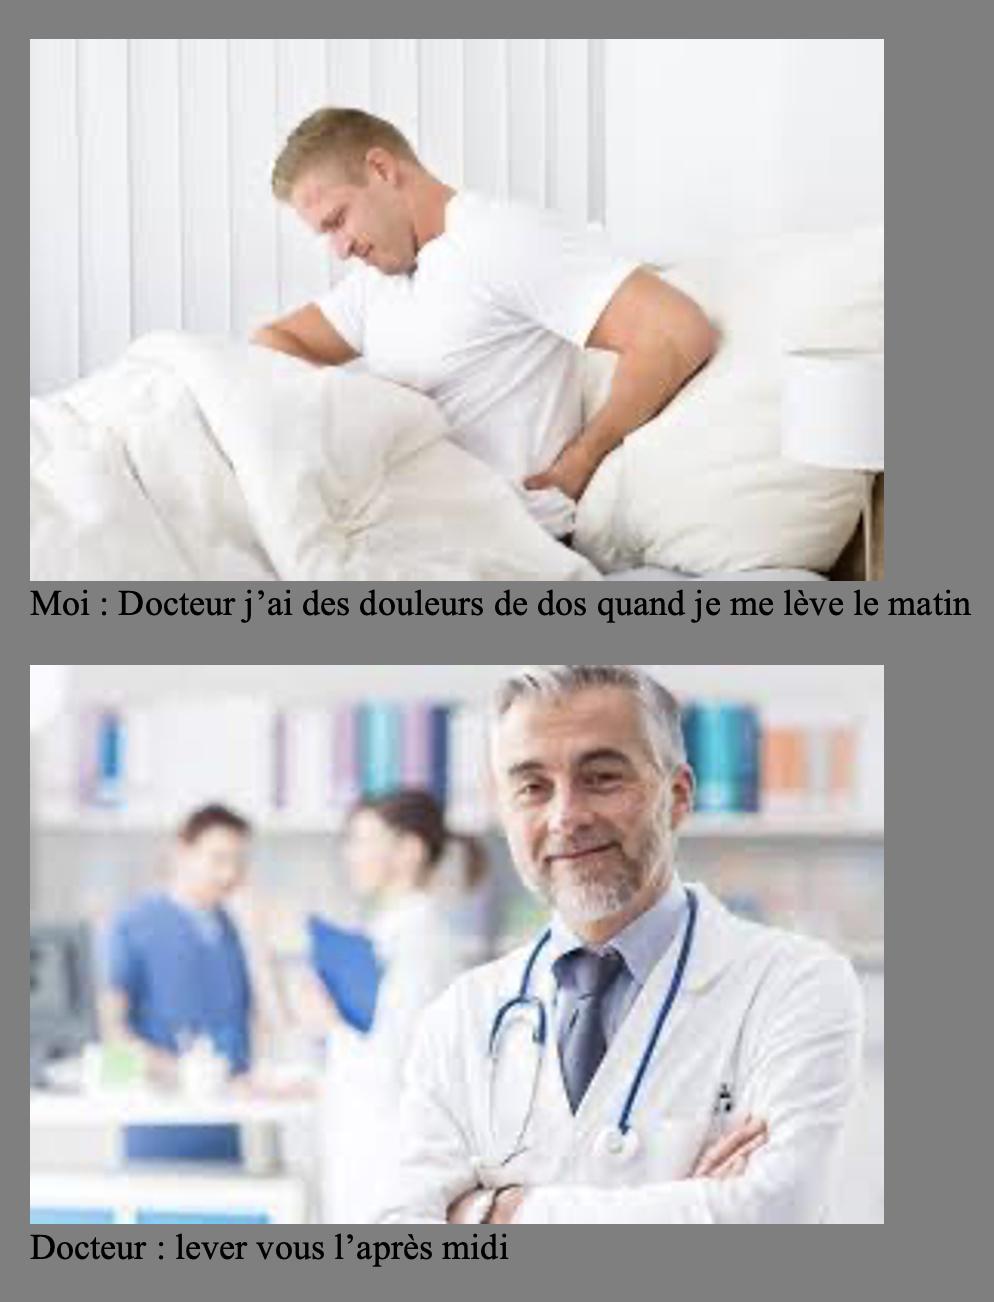 un médecin démoniaque non? - meme